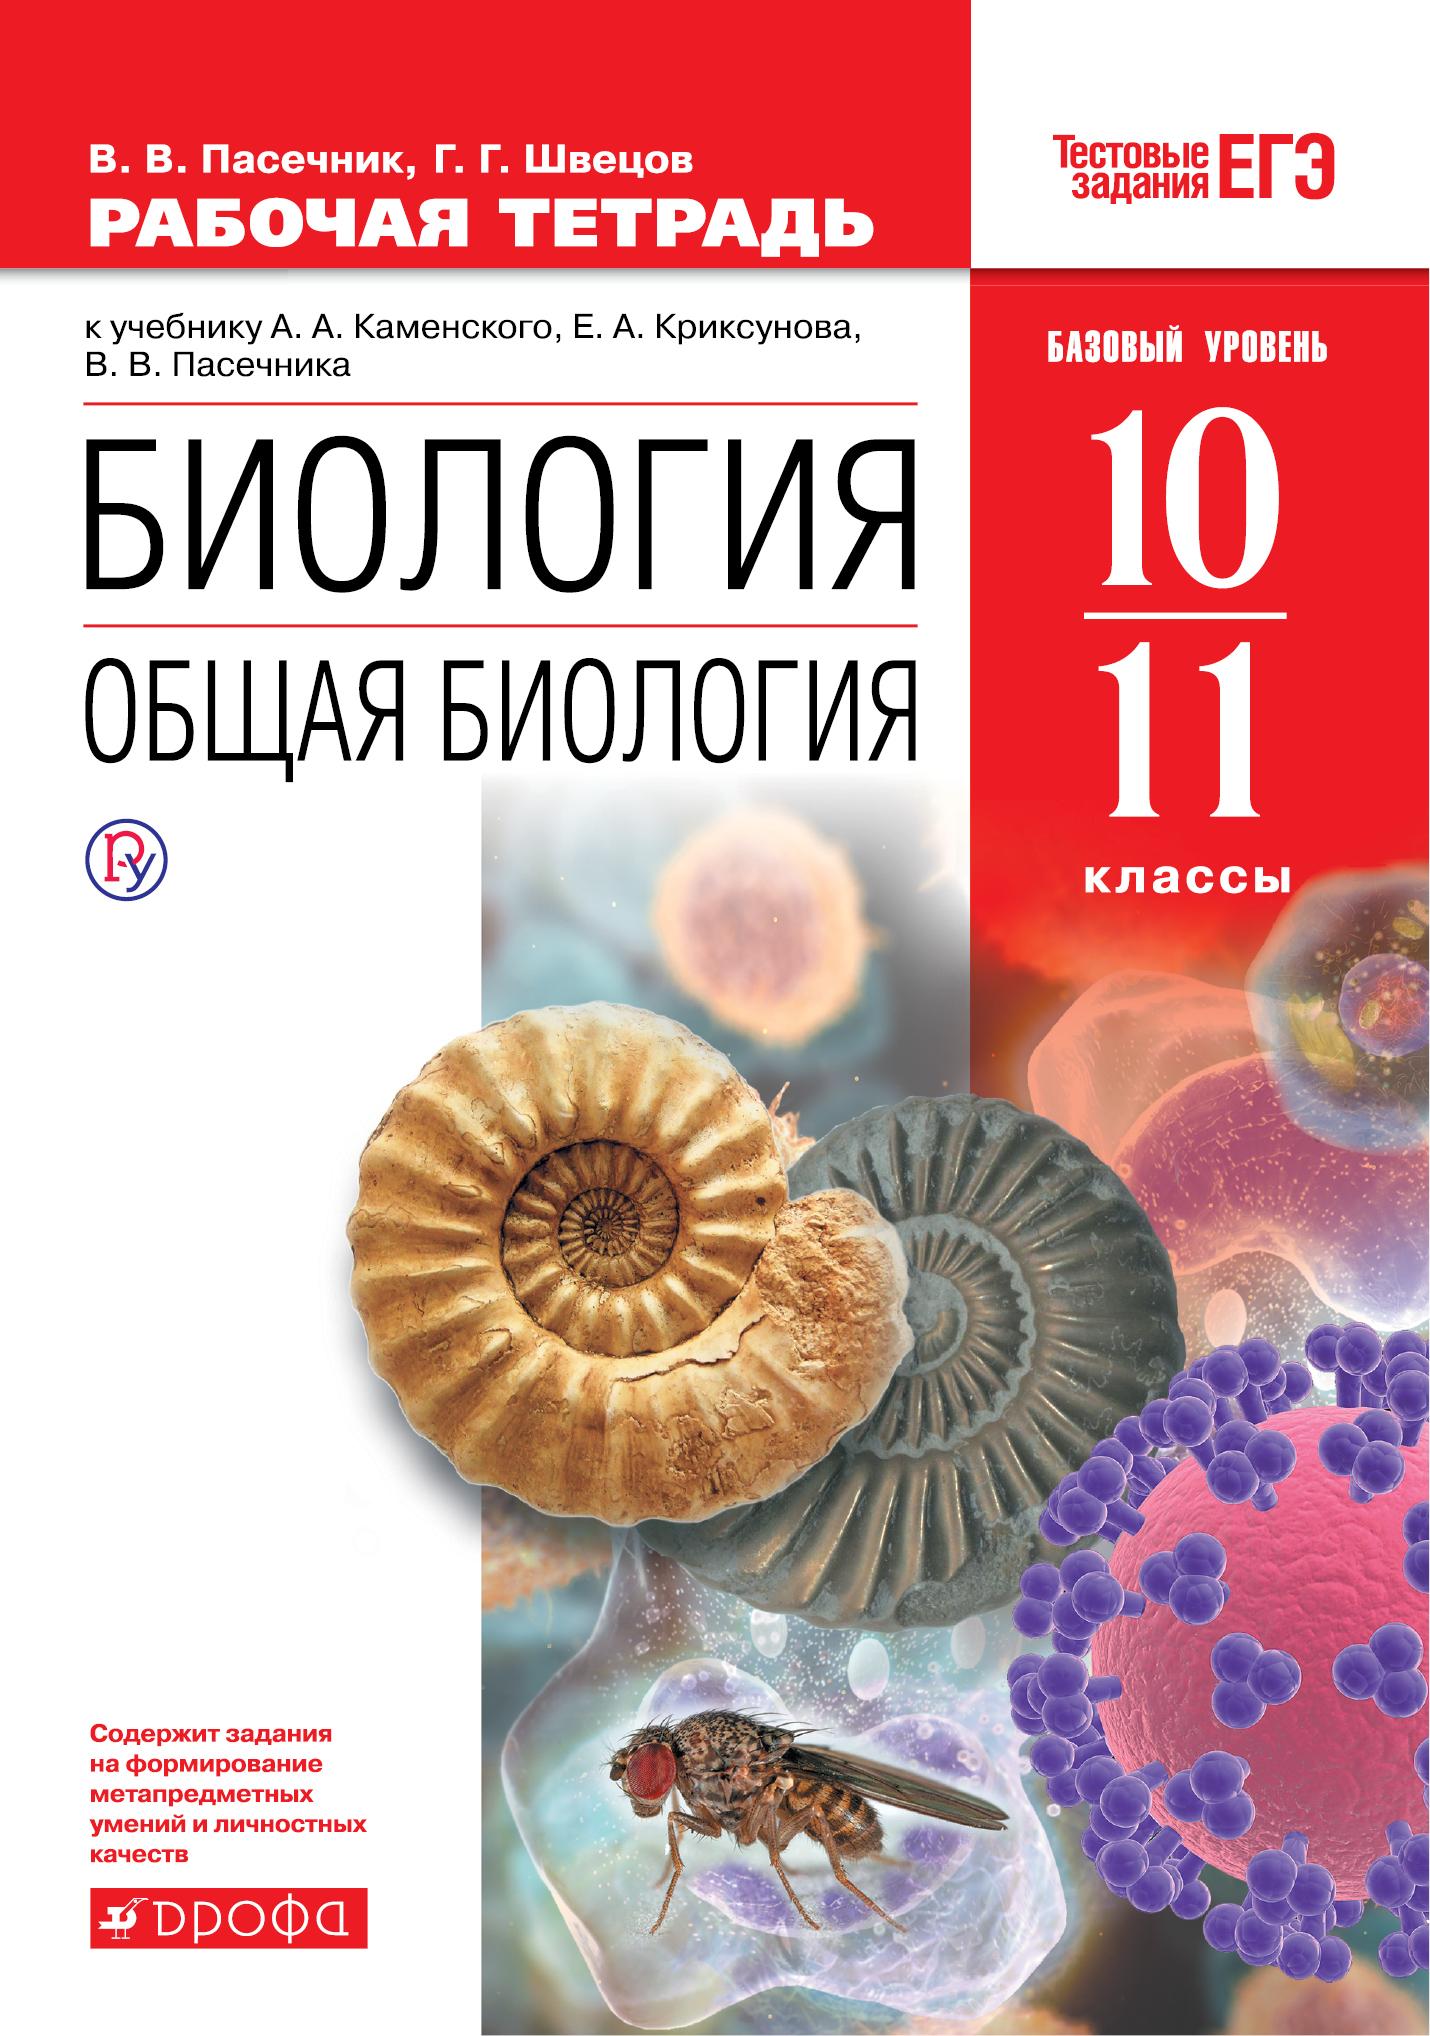 Пасечник В.В., Швецов Г.Г. Биология. Общая биология.10-11 классы. Базовый уровень. Рабочая тетрадь все цены